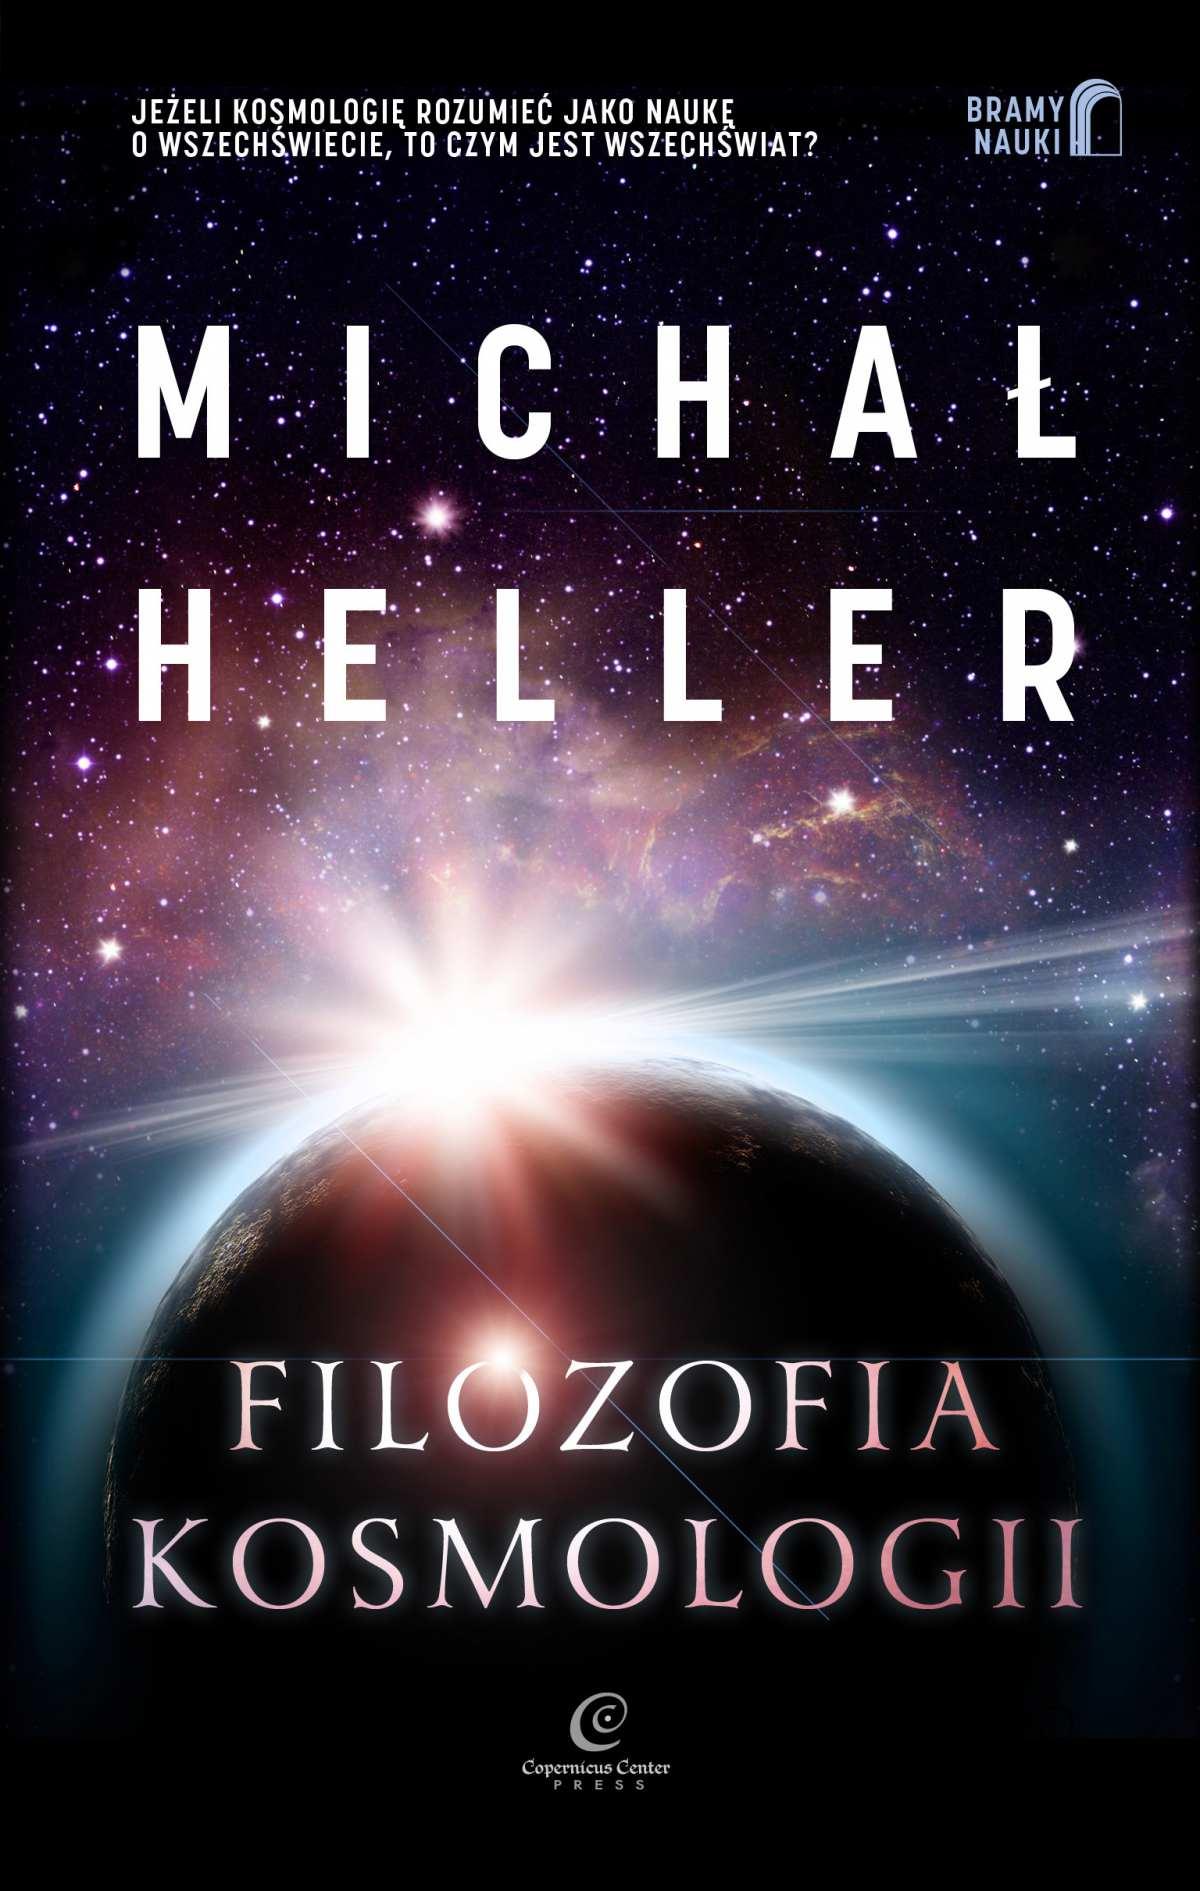 Filozofia kosmologii - Ebook (Książka na Kindle) do pobrania w formacie MOBI